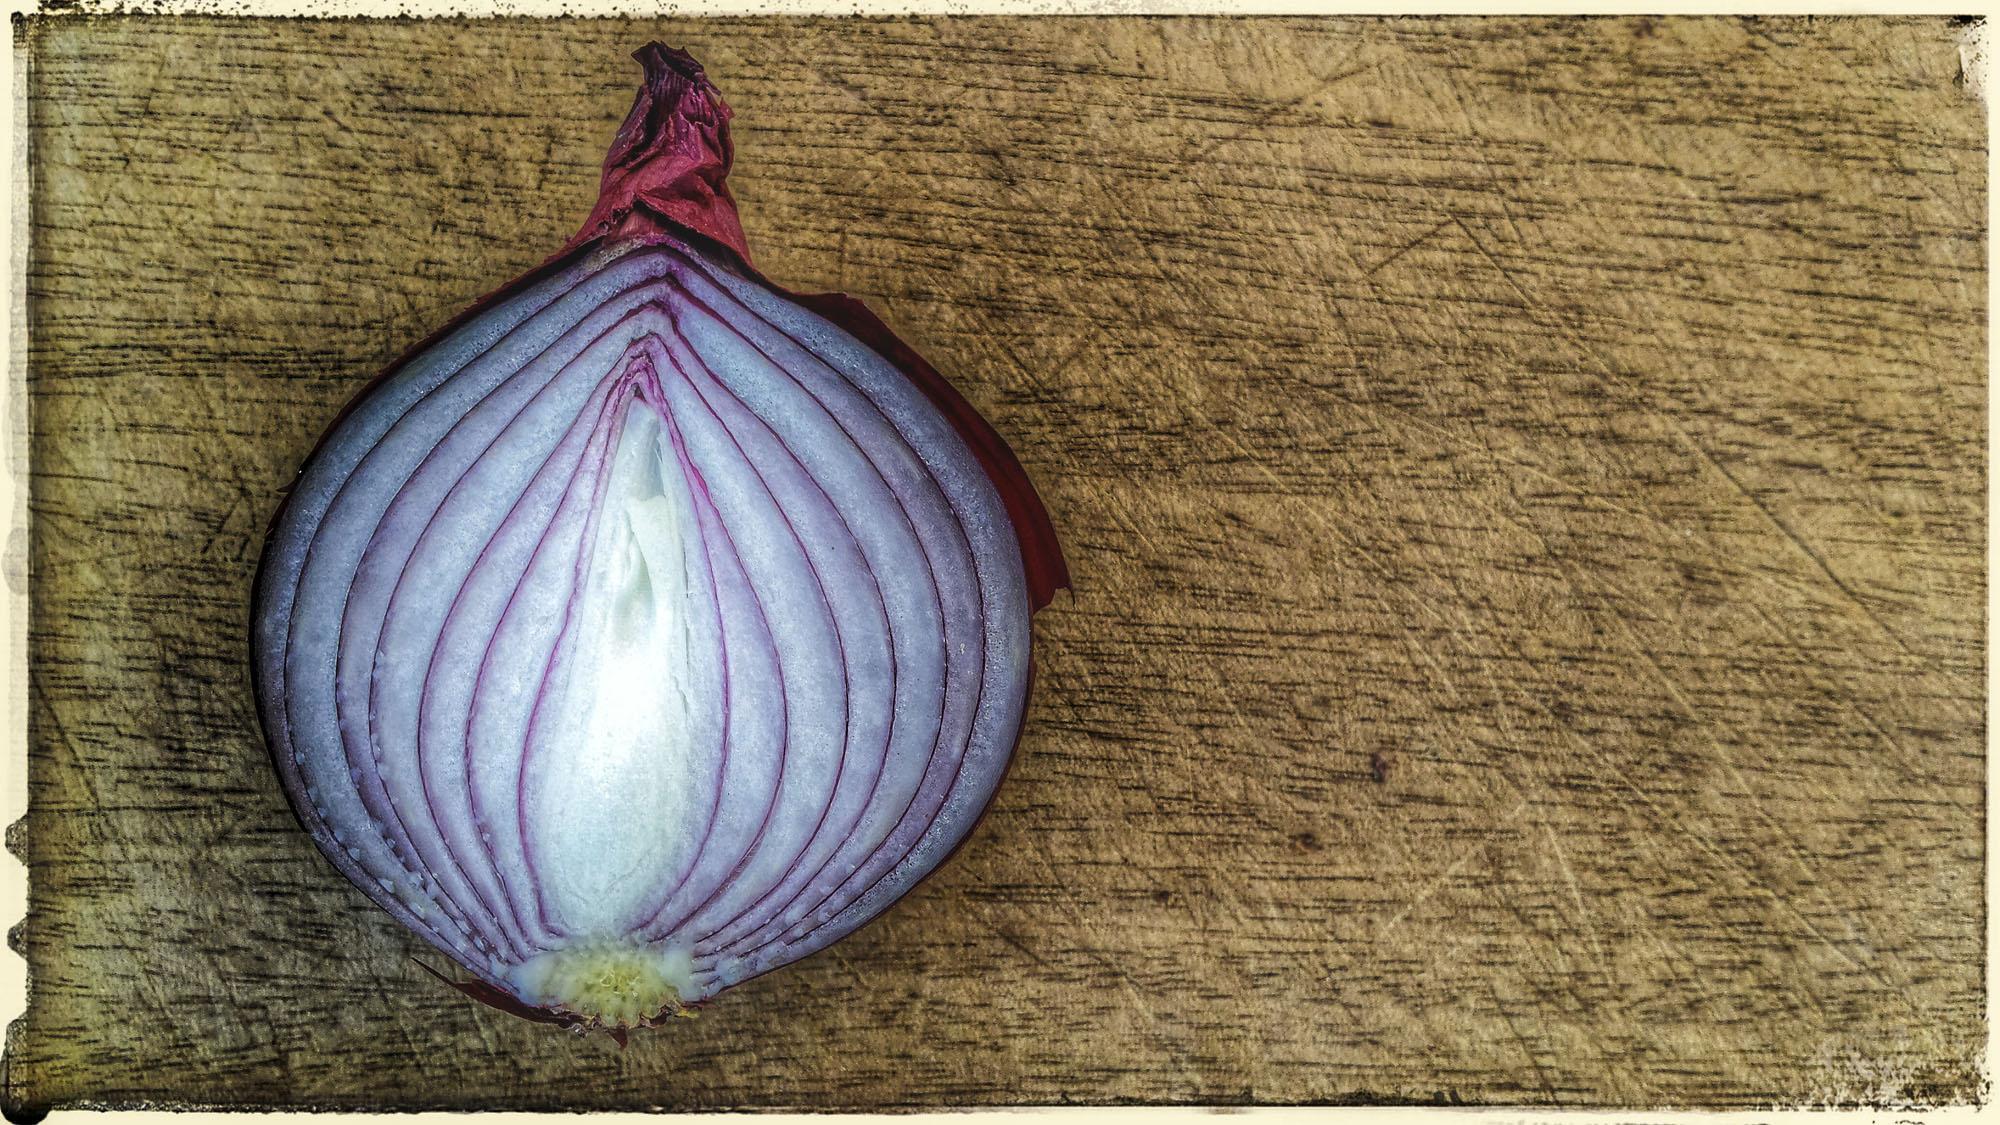 Onion on Board